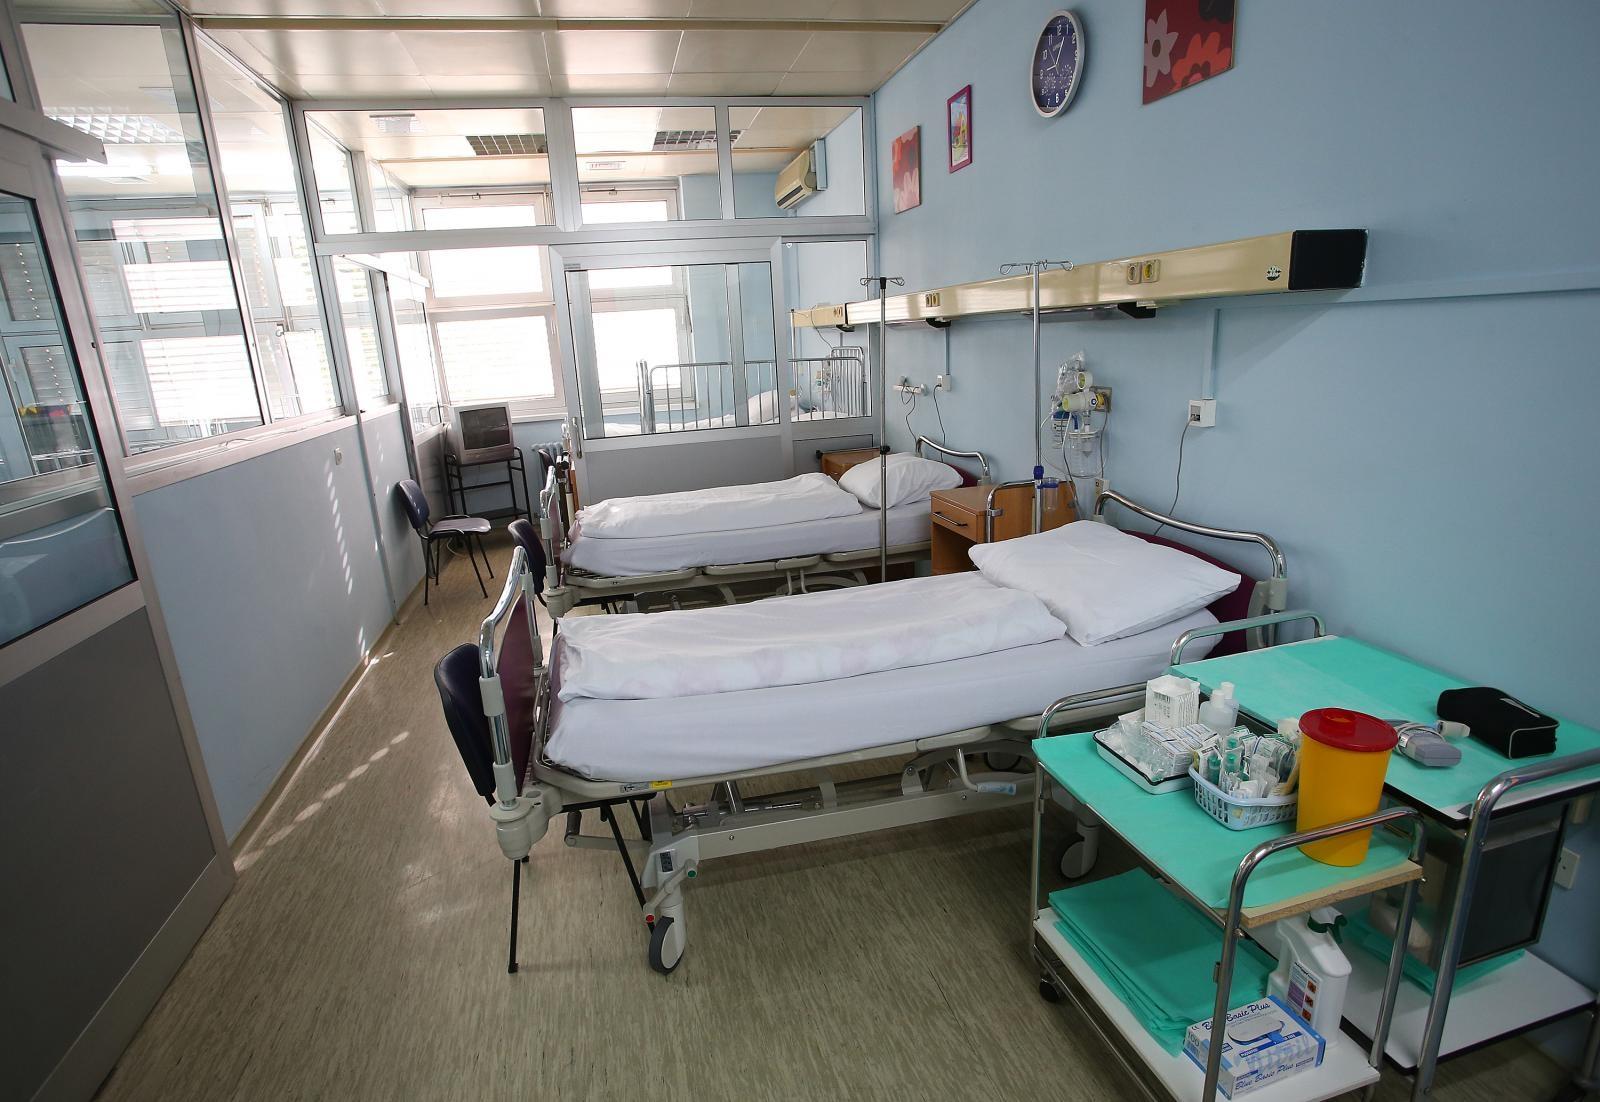 Bolnišnica Vir:Pixell